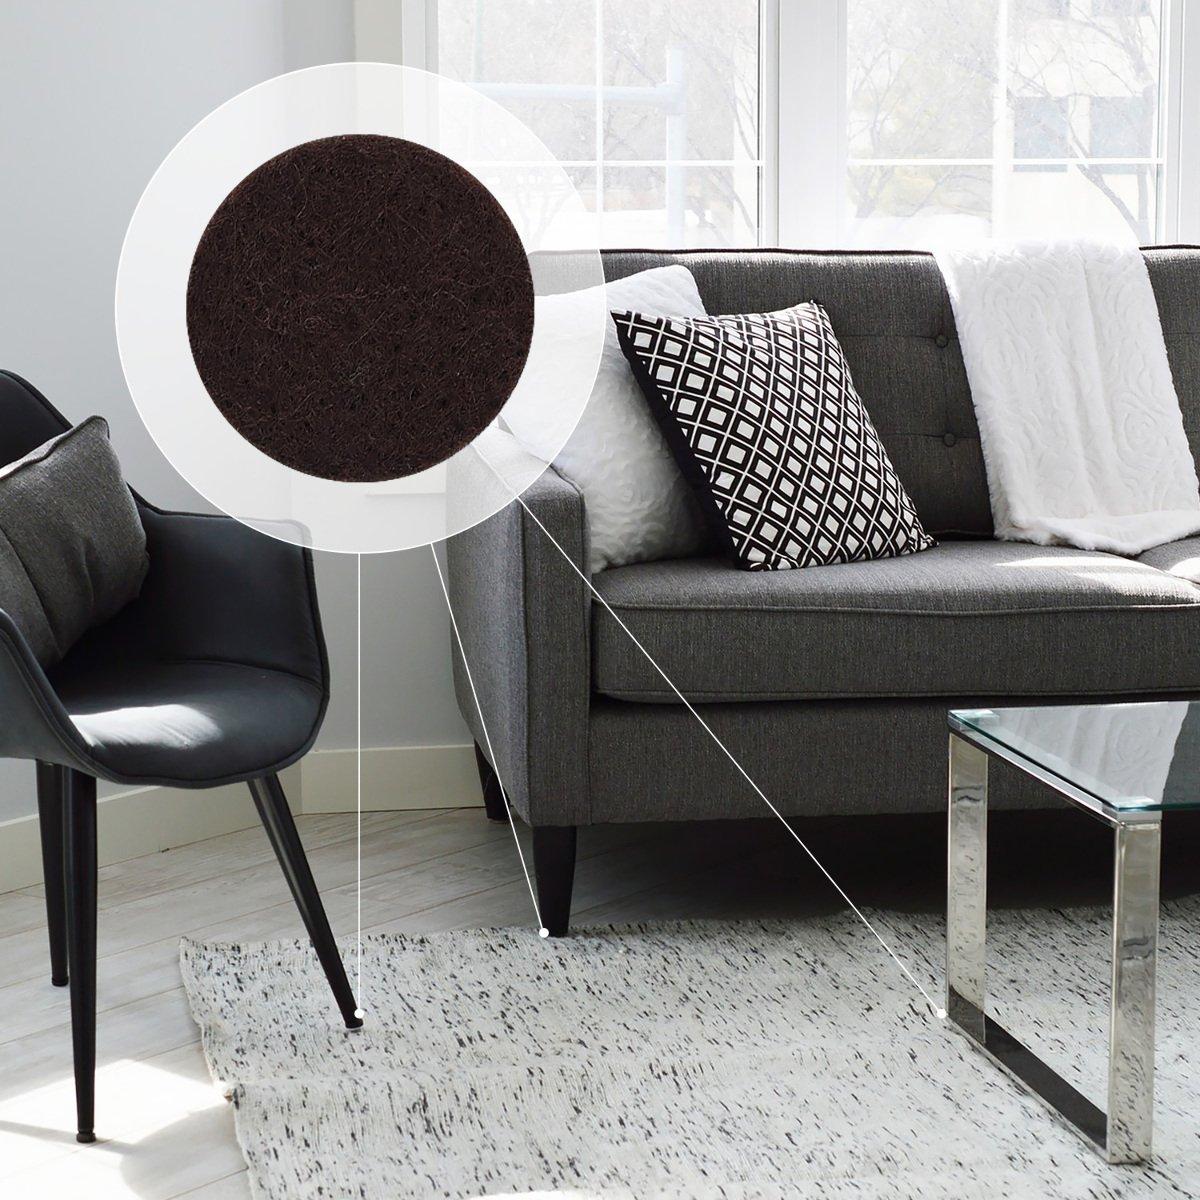 Tampon adh/ésif en mousse EVA pour pied meuble chaise table Navaris Set 215 patins autocollants Noir Plusieurs formes Protection sol plancher